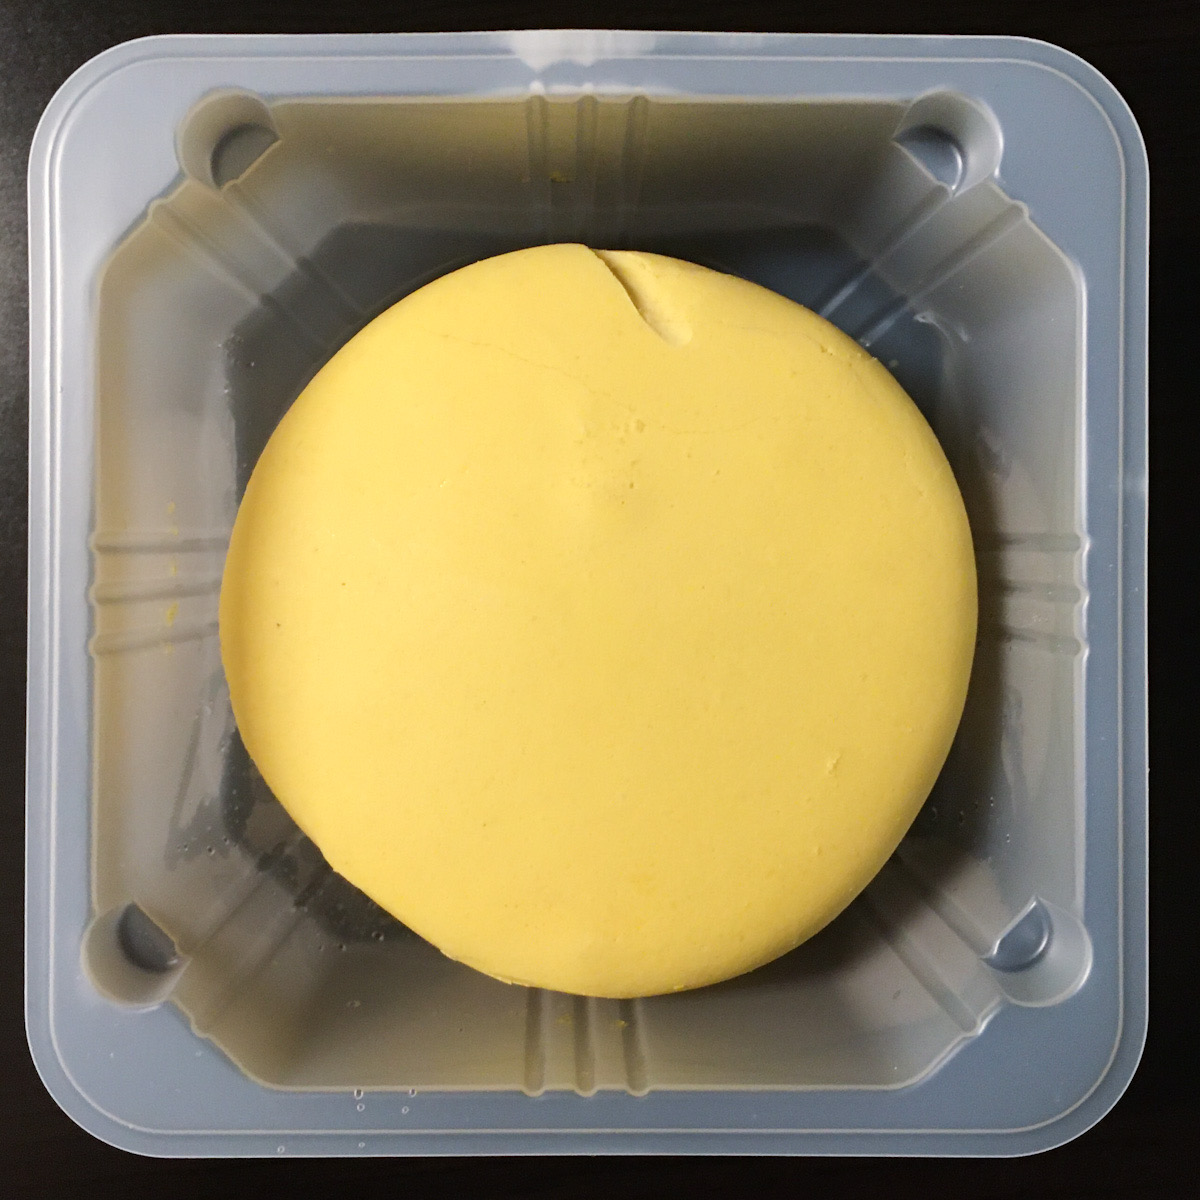 セブンイレブンのKiriクリームチーズを使った新しいアイス!「クリームチーズマカロンアイス」が絶品!